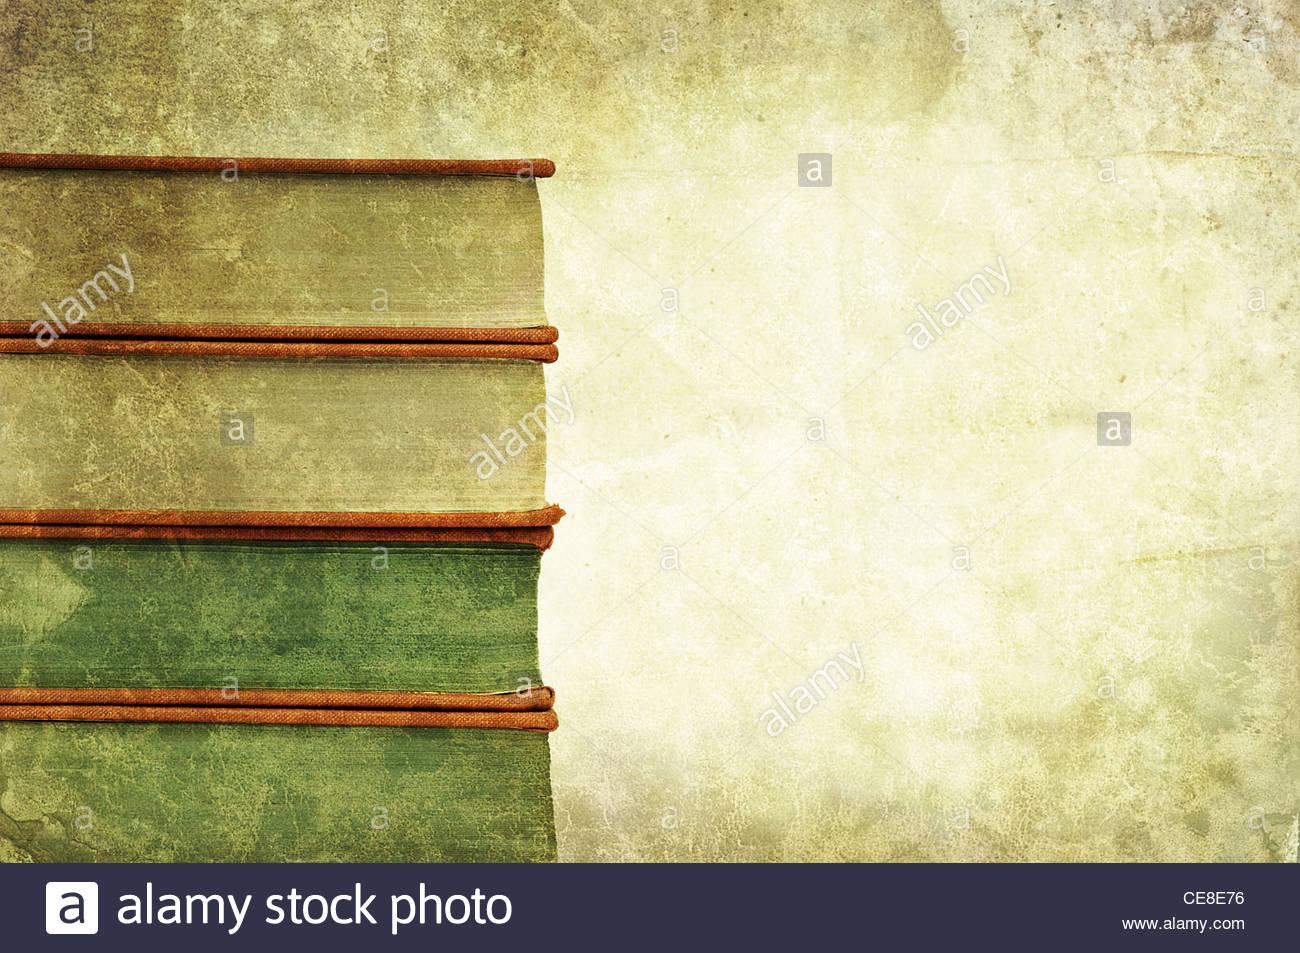 pile de livre ancien Photo Stock